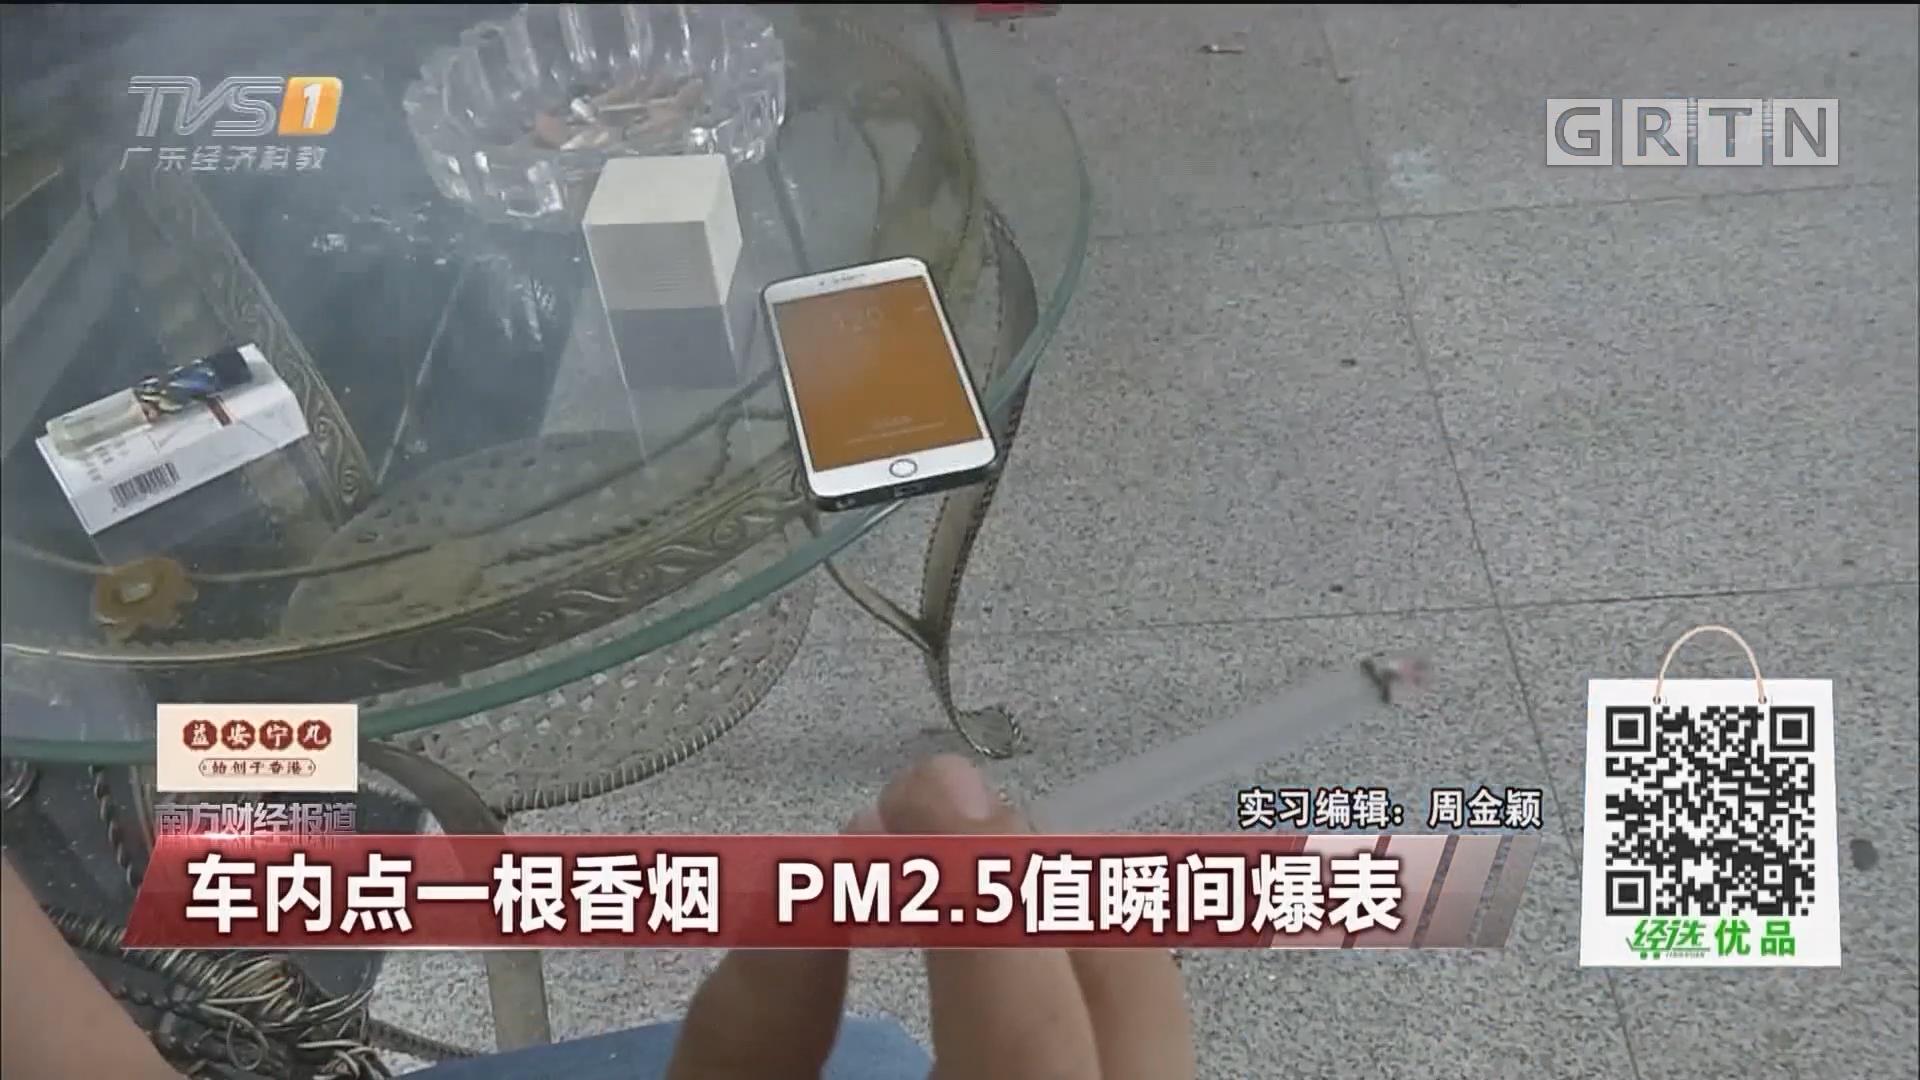 车内点一根香烟 PM2.5值瞬间爆表